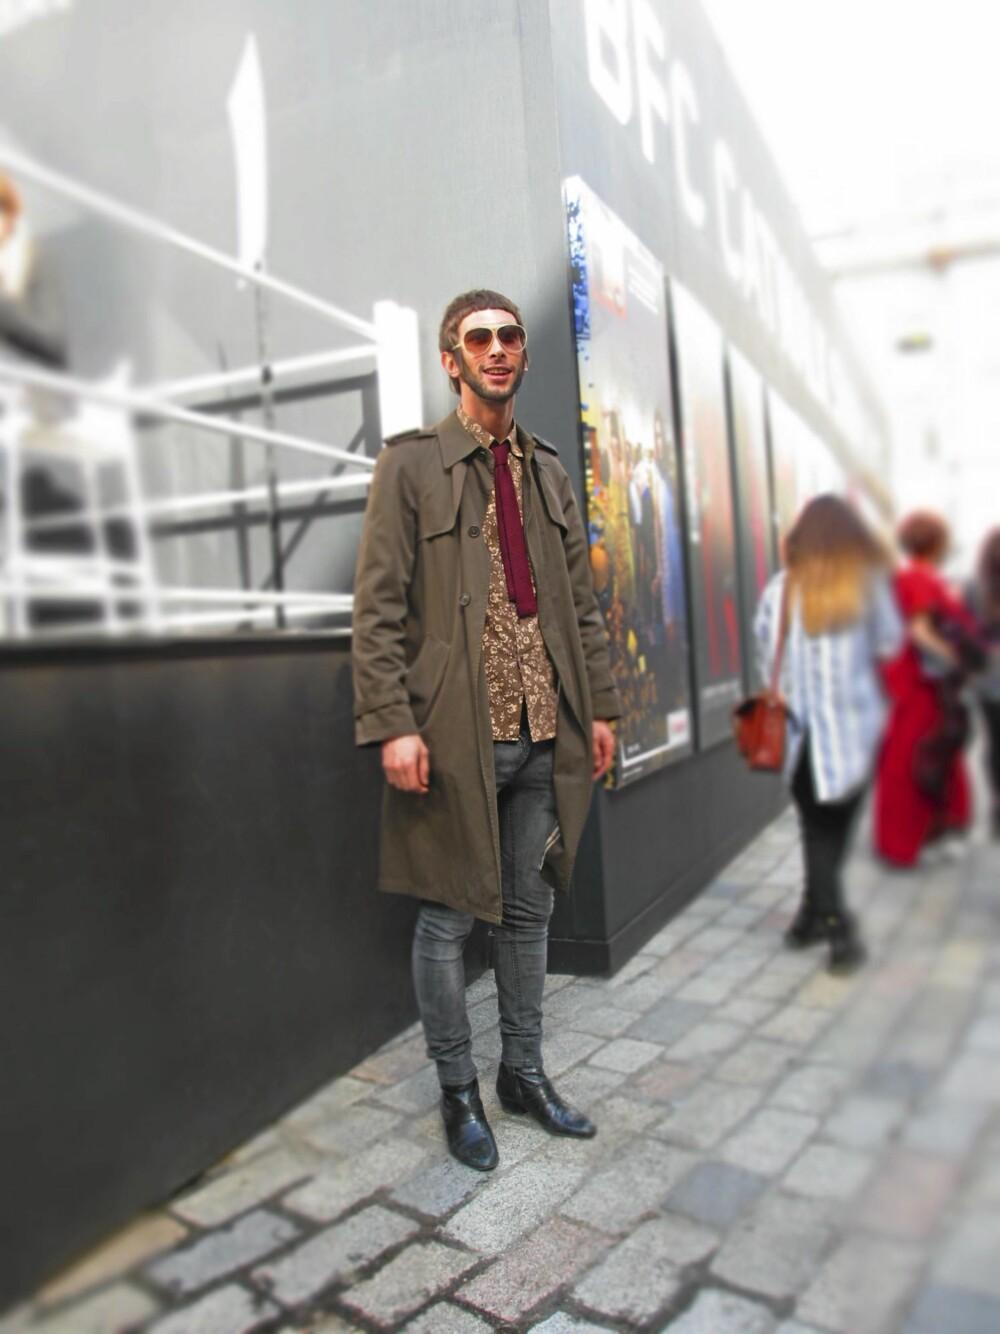 LONDON FASHION WEEK: Med en oppdatert ¿bollesveis¿ og rockabilly-slips fant denne herremannen veien frem til første rad.